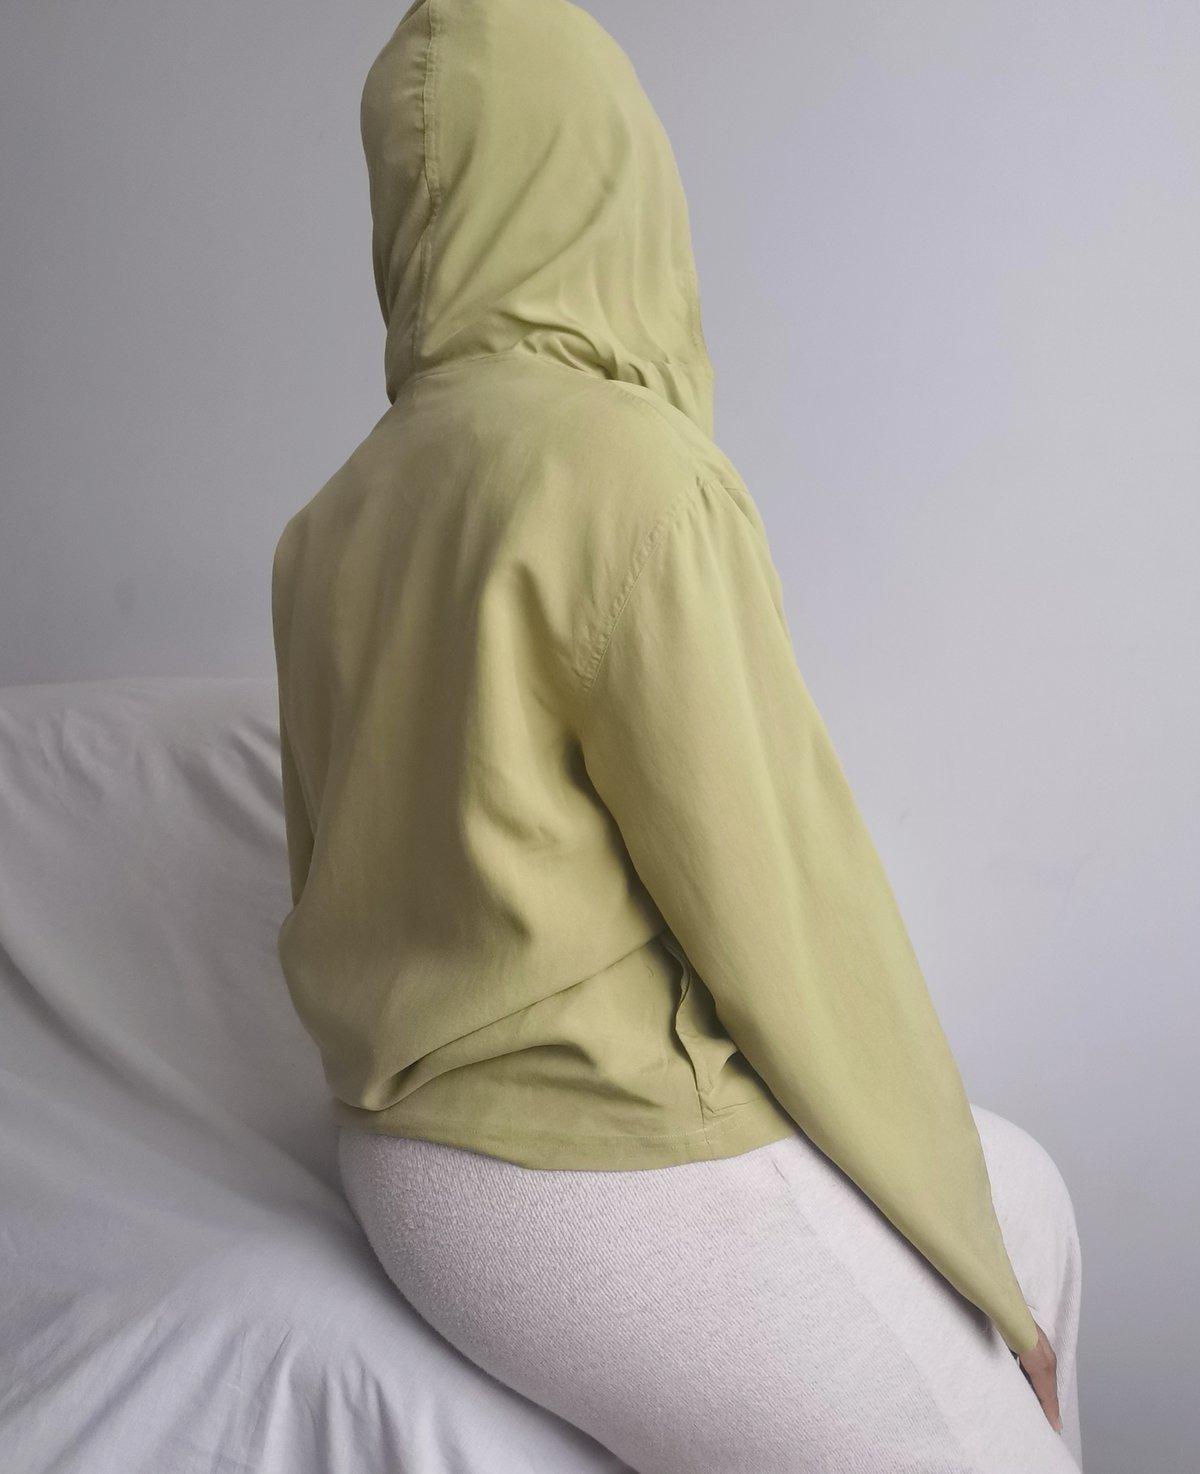 Image of slik jacket